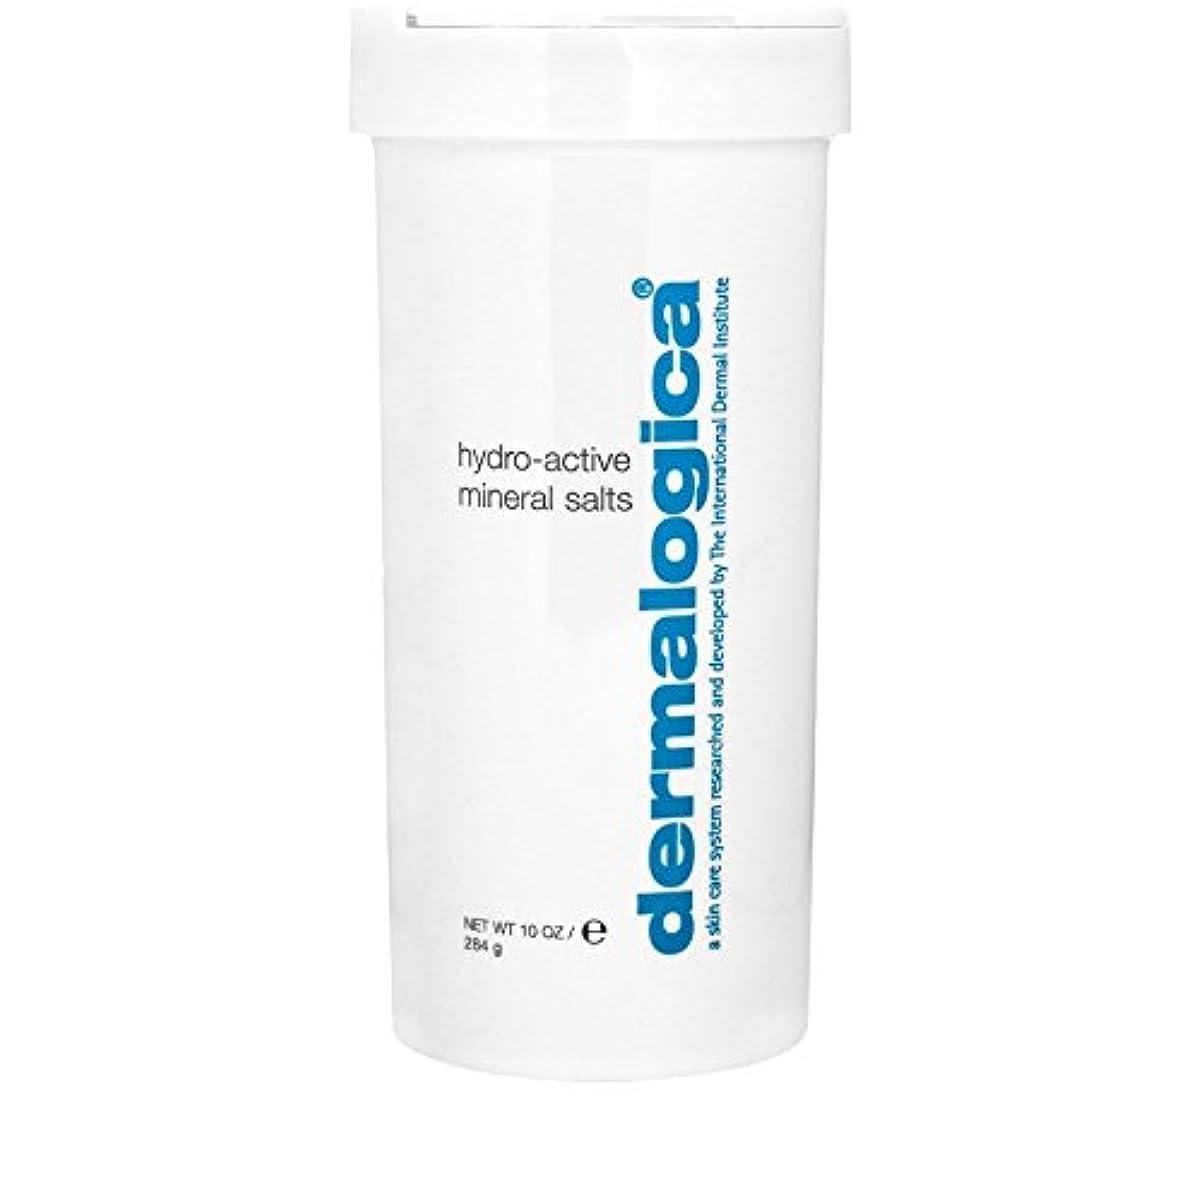 極めて重要なトリップ巻き戻すDermalogica Hydro Active Mineral Salt 284g - ダーマロジカ水力アクティブミネラル塩284グラム [並行輸入品]